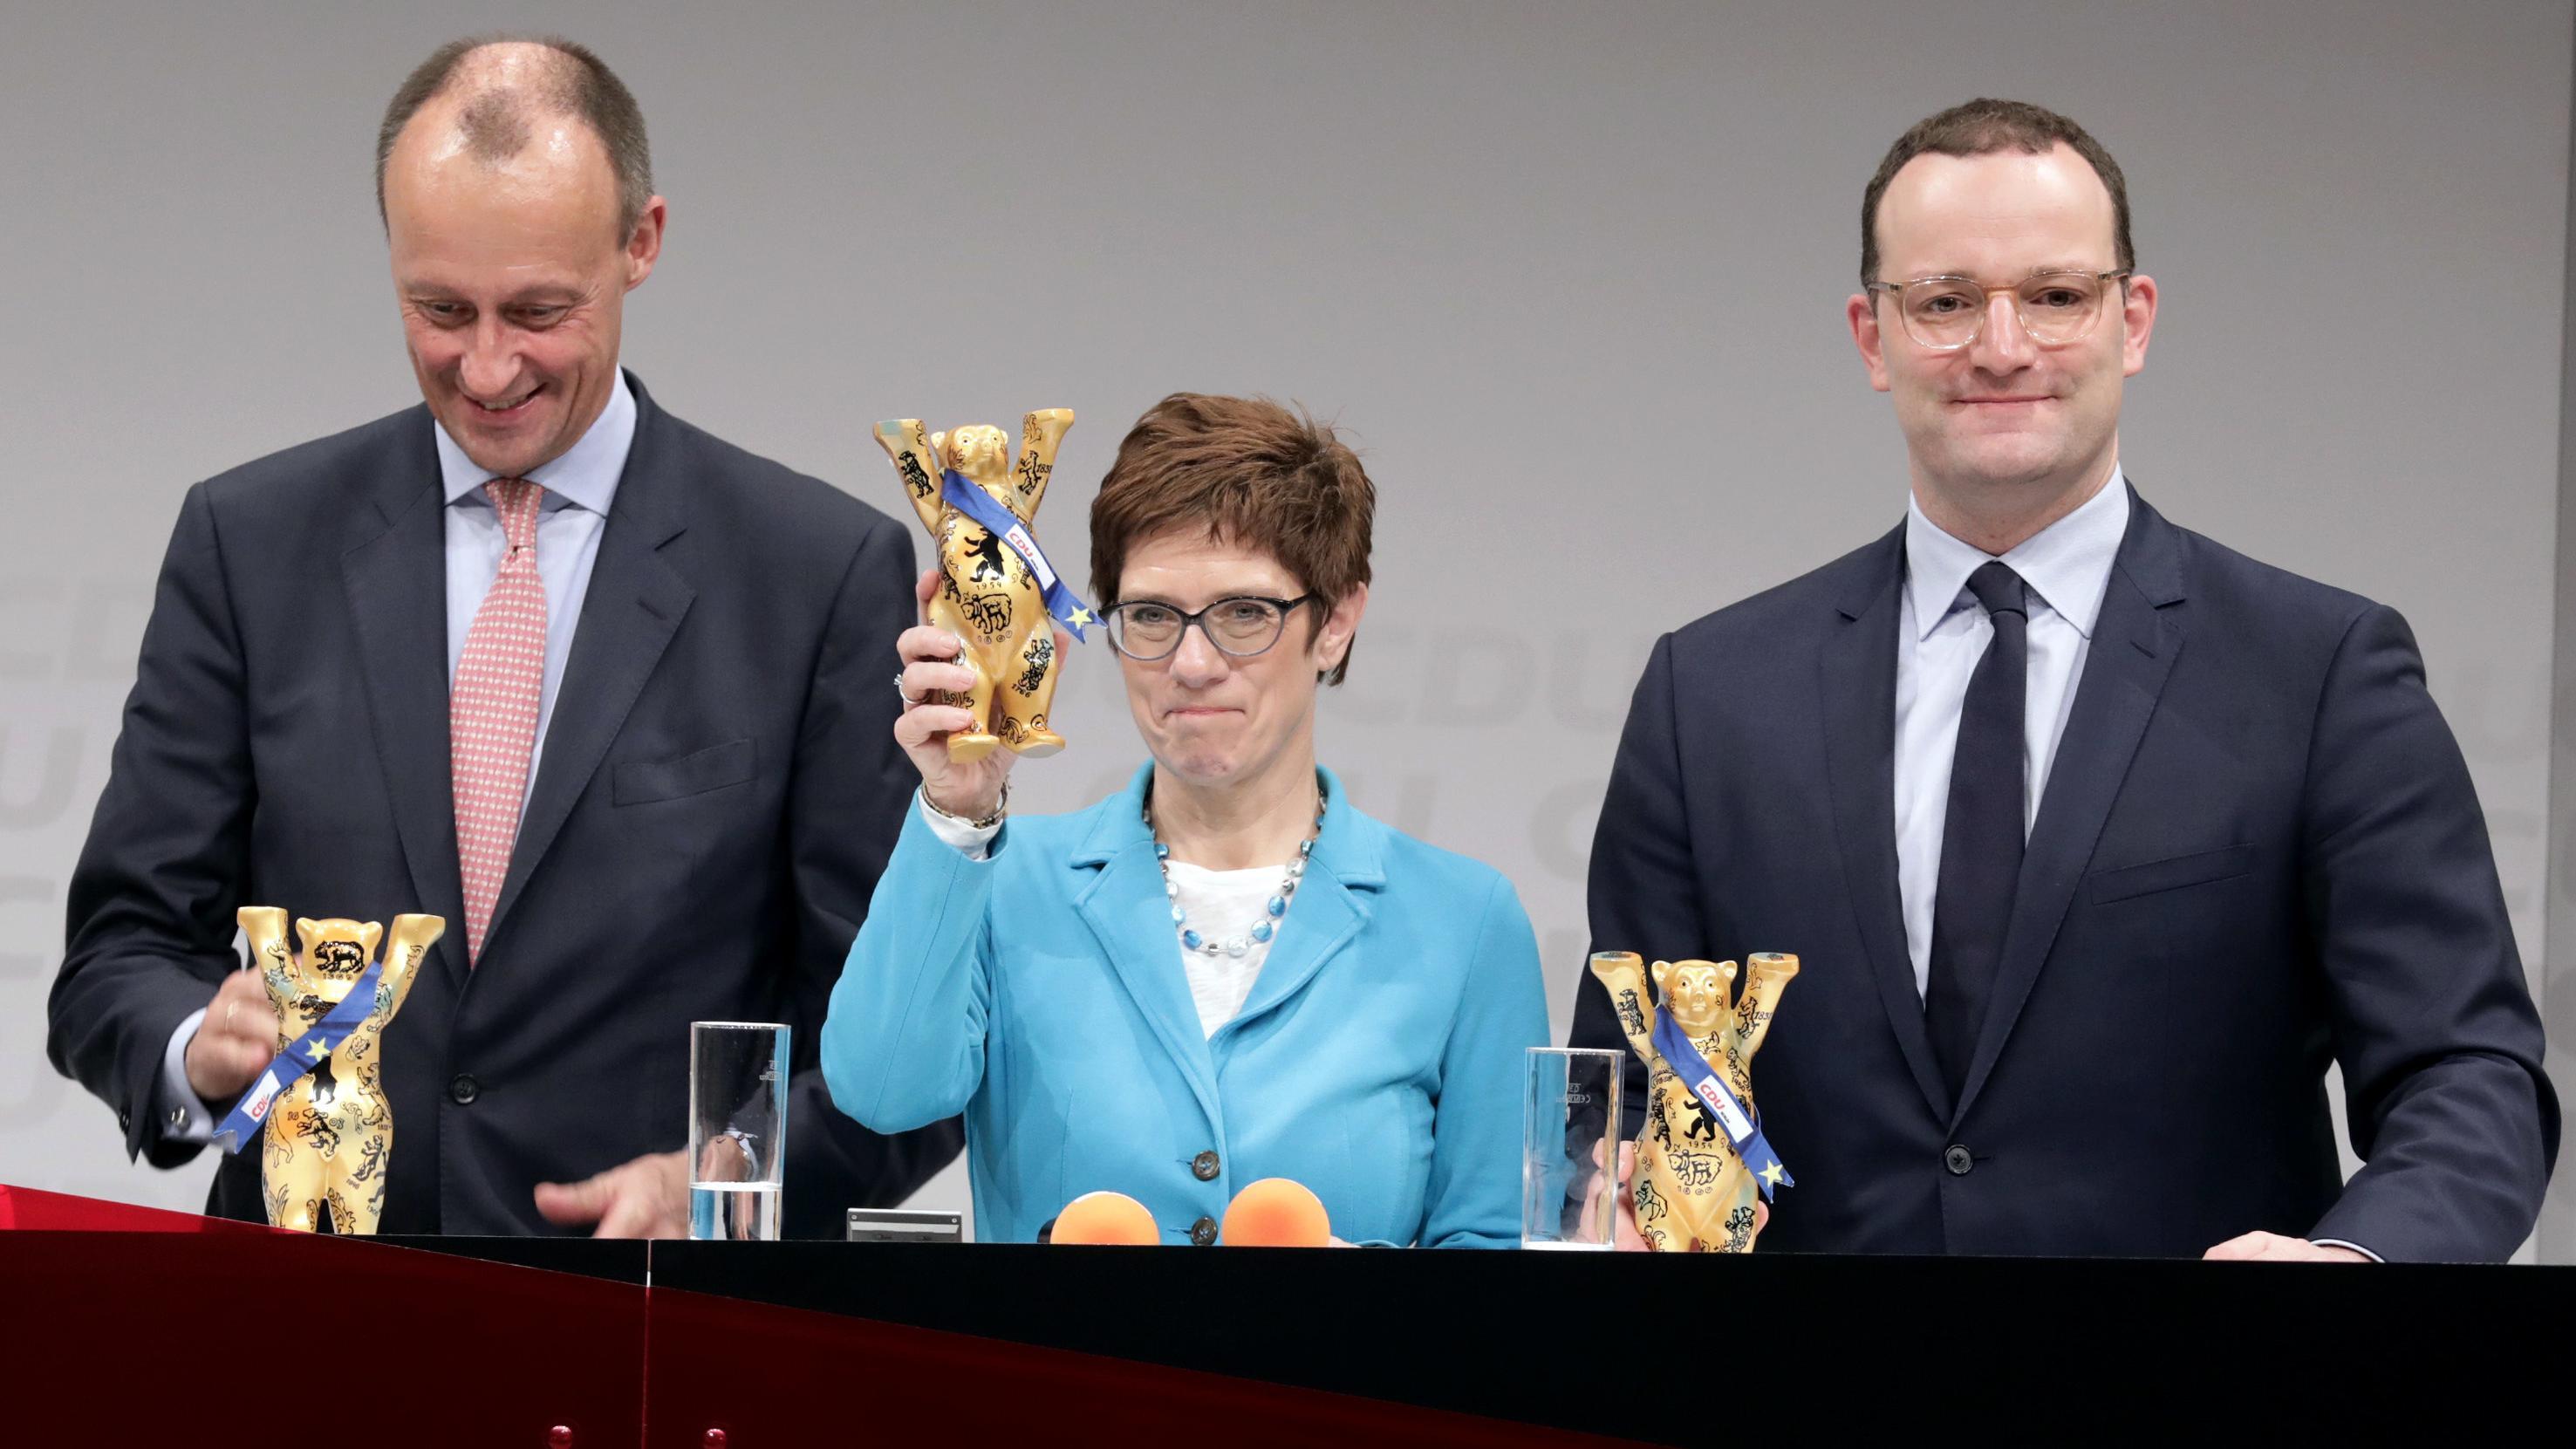 Die Kandidaten, die um den CDU-Vorsitz kämpfen, stehen nebeneinander. Von links: Friedrich Merz, Annegret Kramp-Karrenbauer und Jens Spahn.